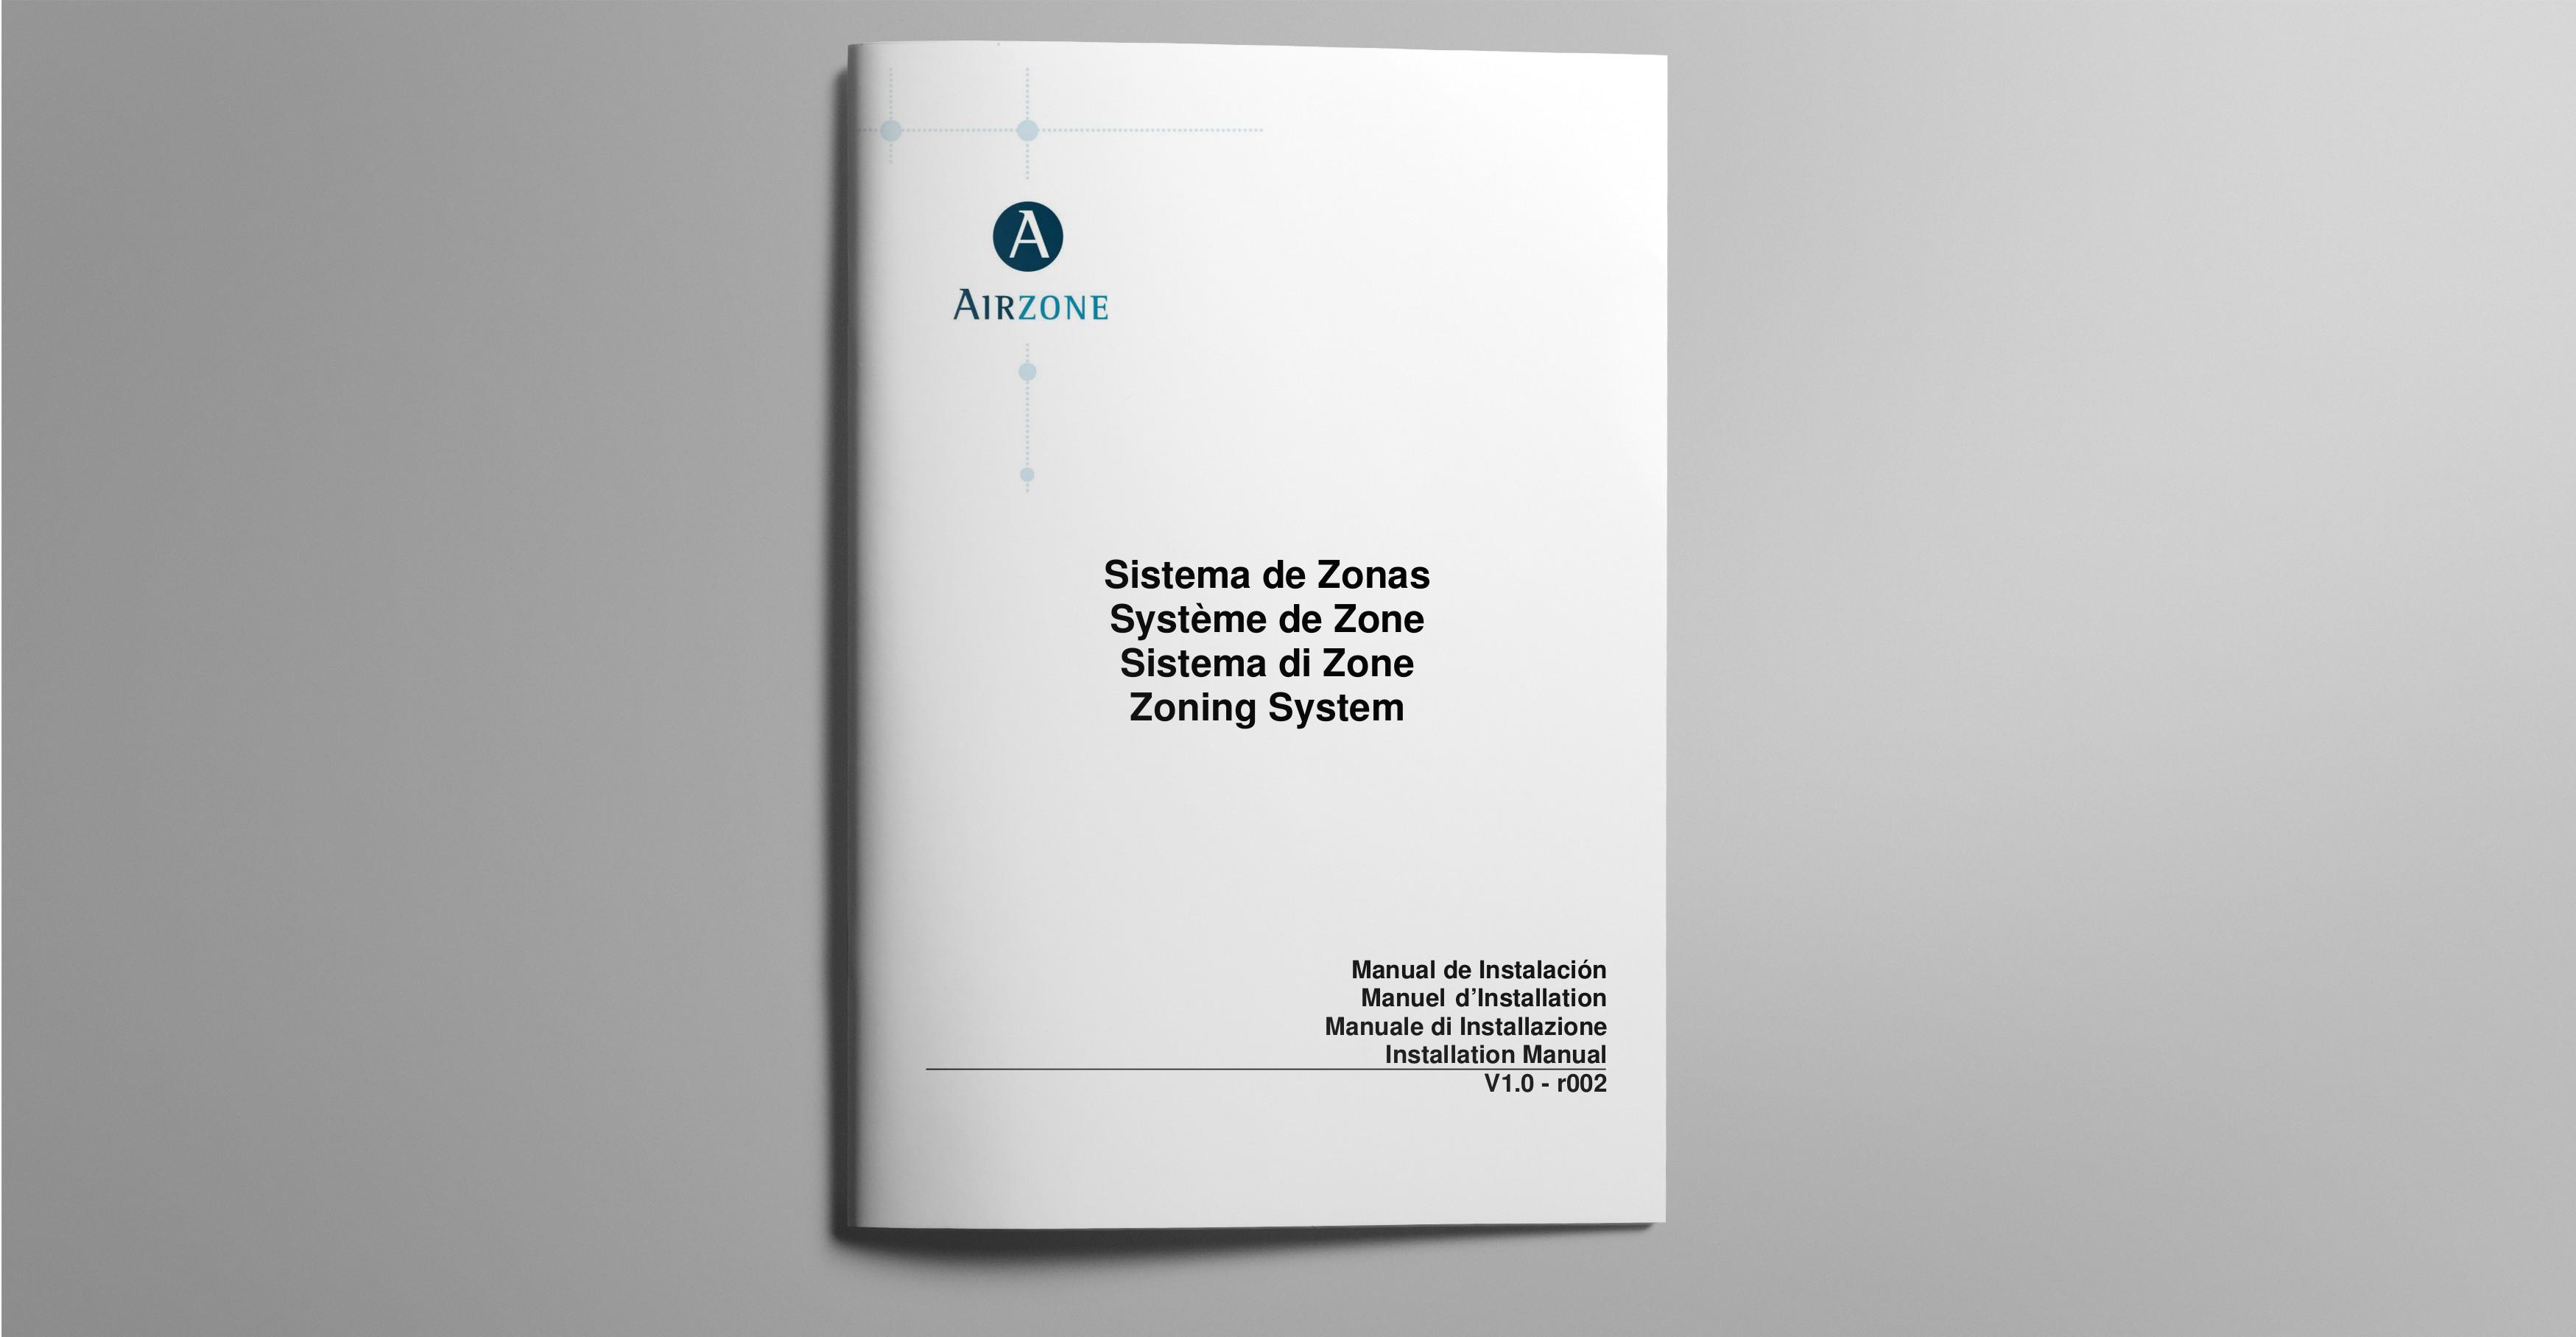 Manual de instalación universal (1999-2011)